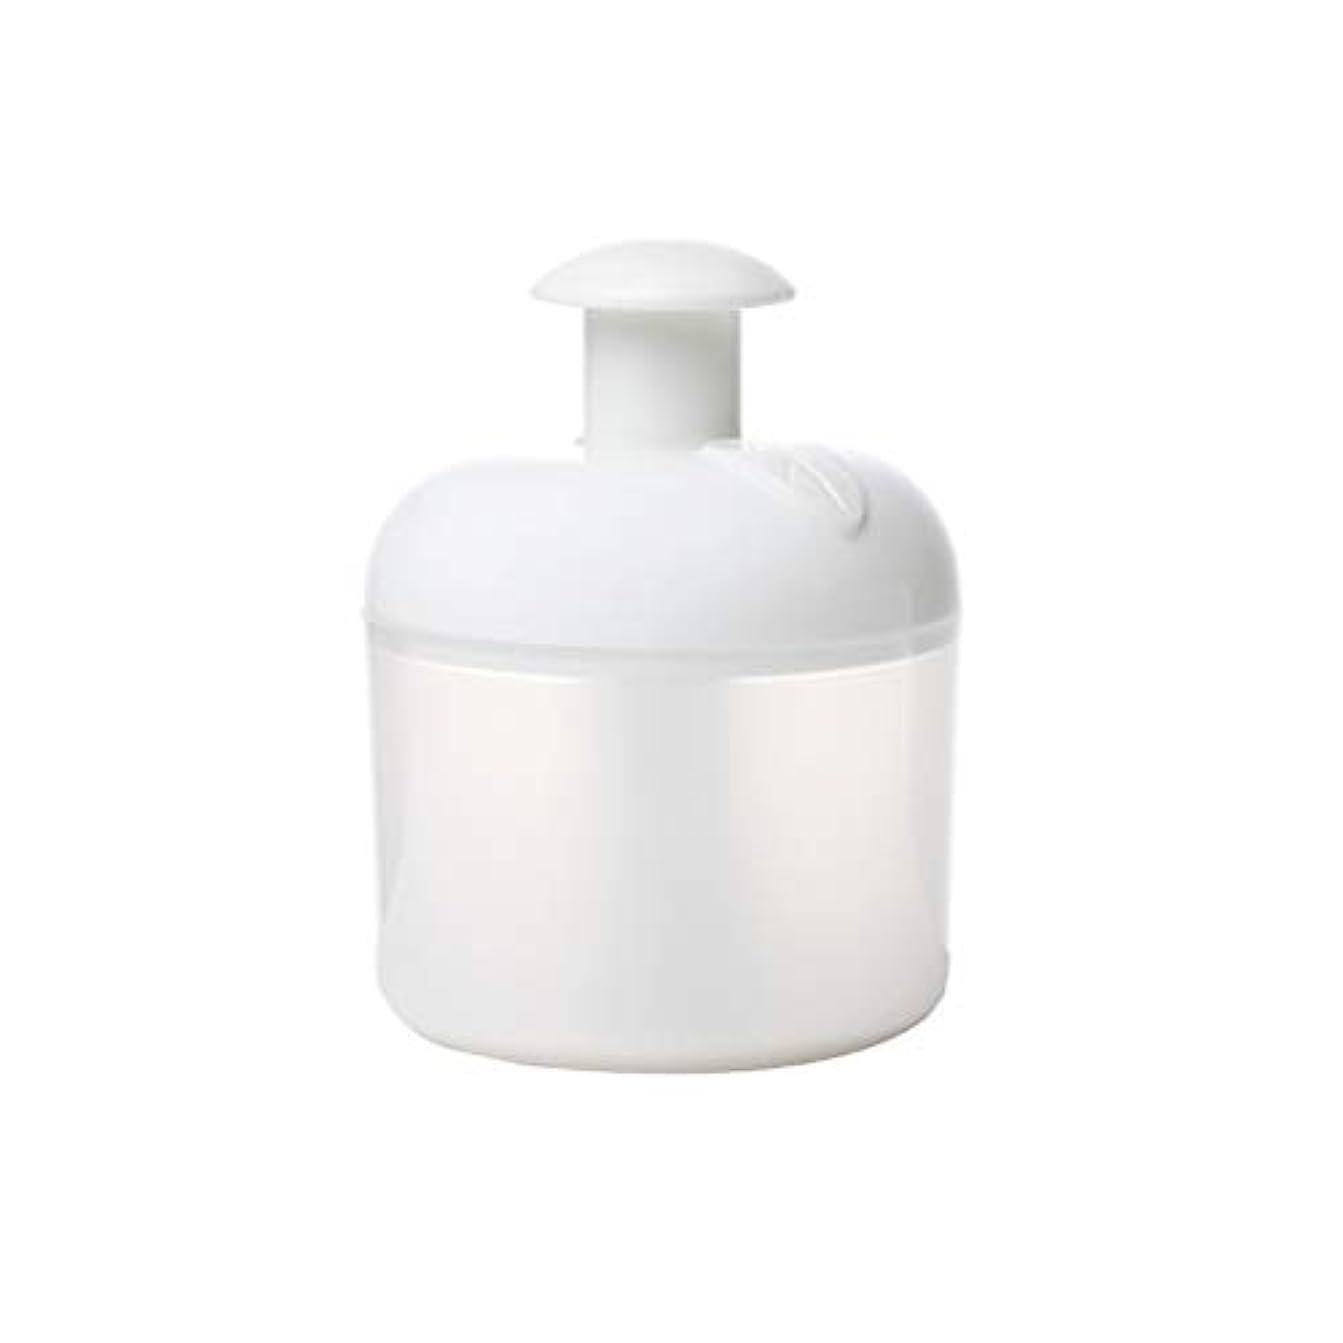 狂う前に高くLurrose 洗顔泡立て器フェイスクレンザーバブルメーカー用フェイスウォッシュスキンケアトラベル家庭用(ホワイト)